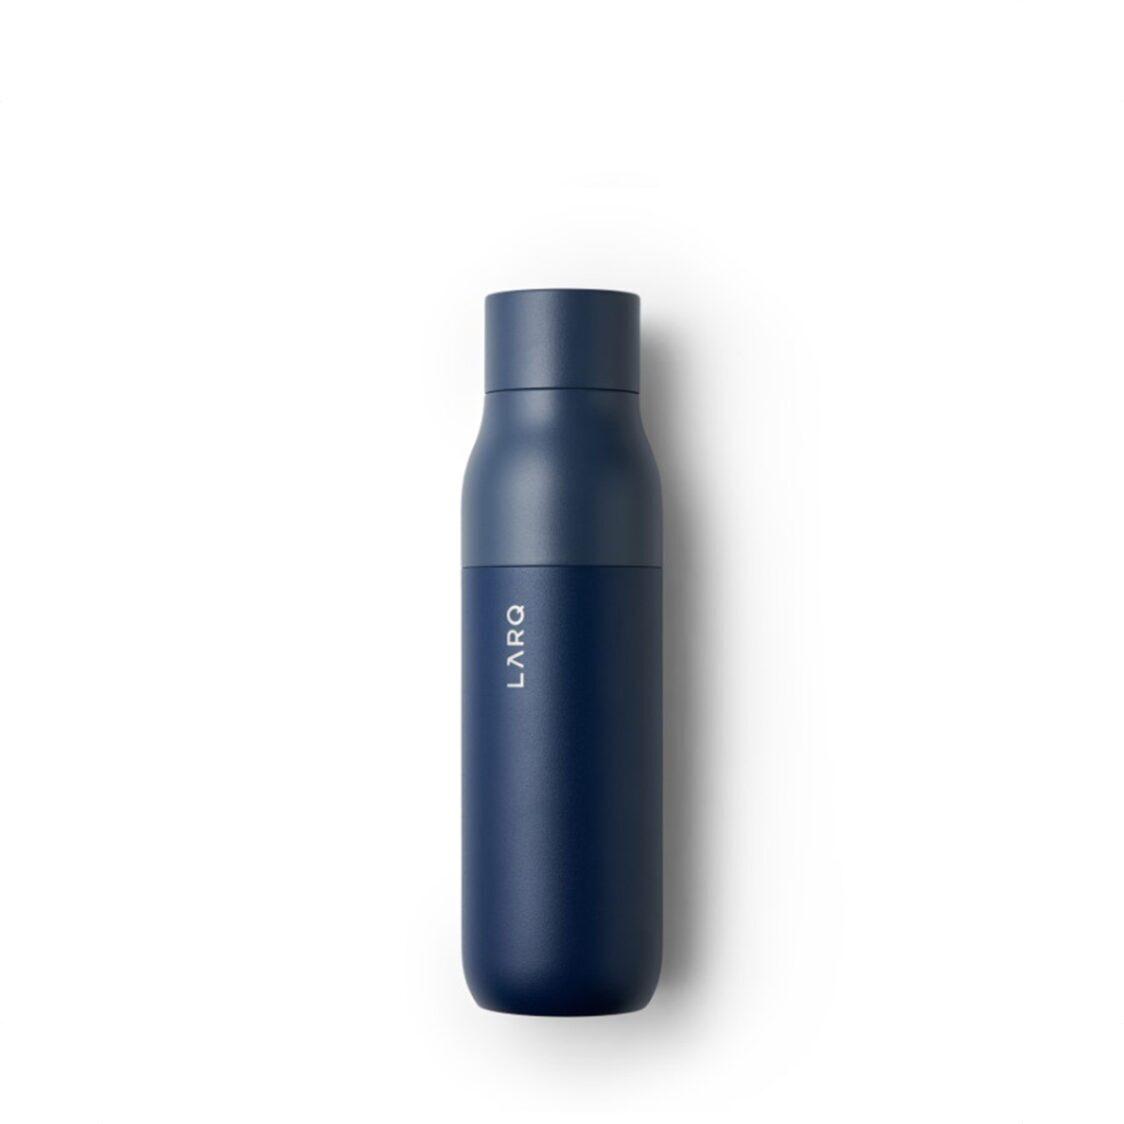 Larq Self-Cleaning Bottle 740ml Monaco Blue